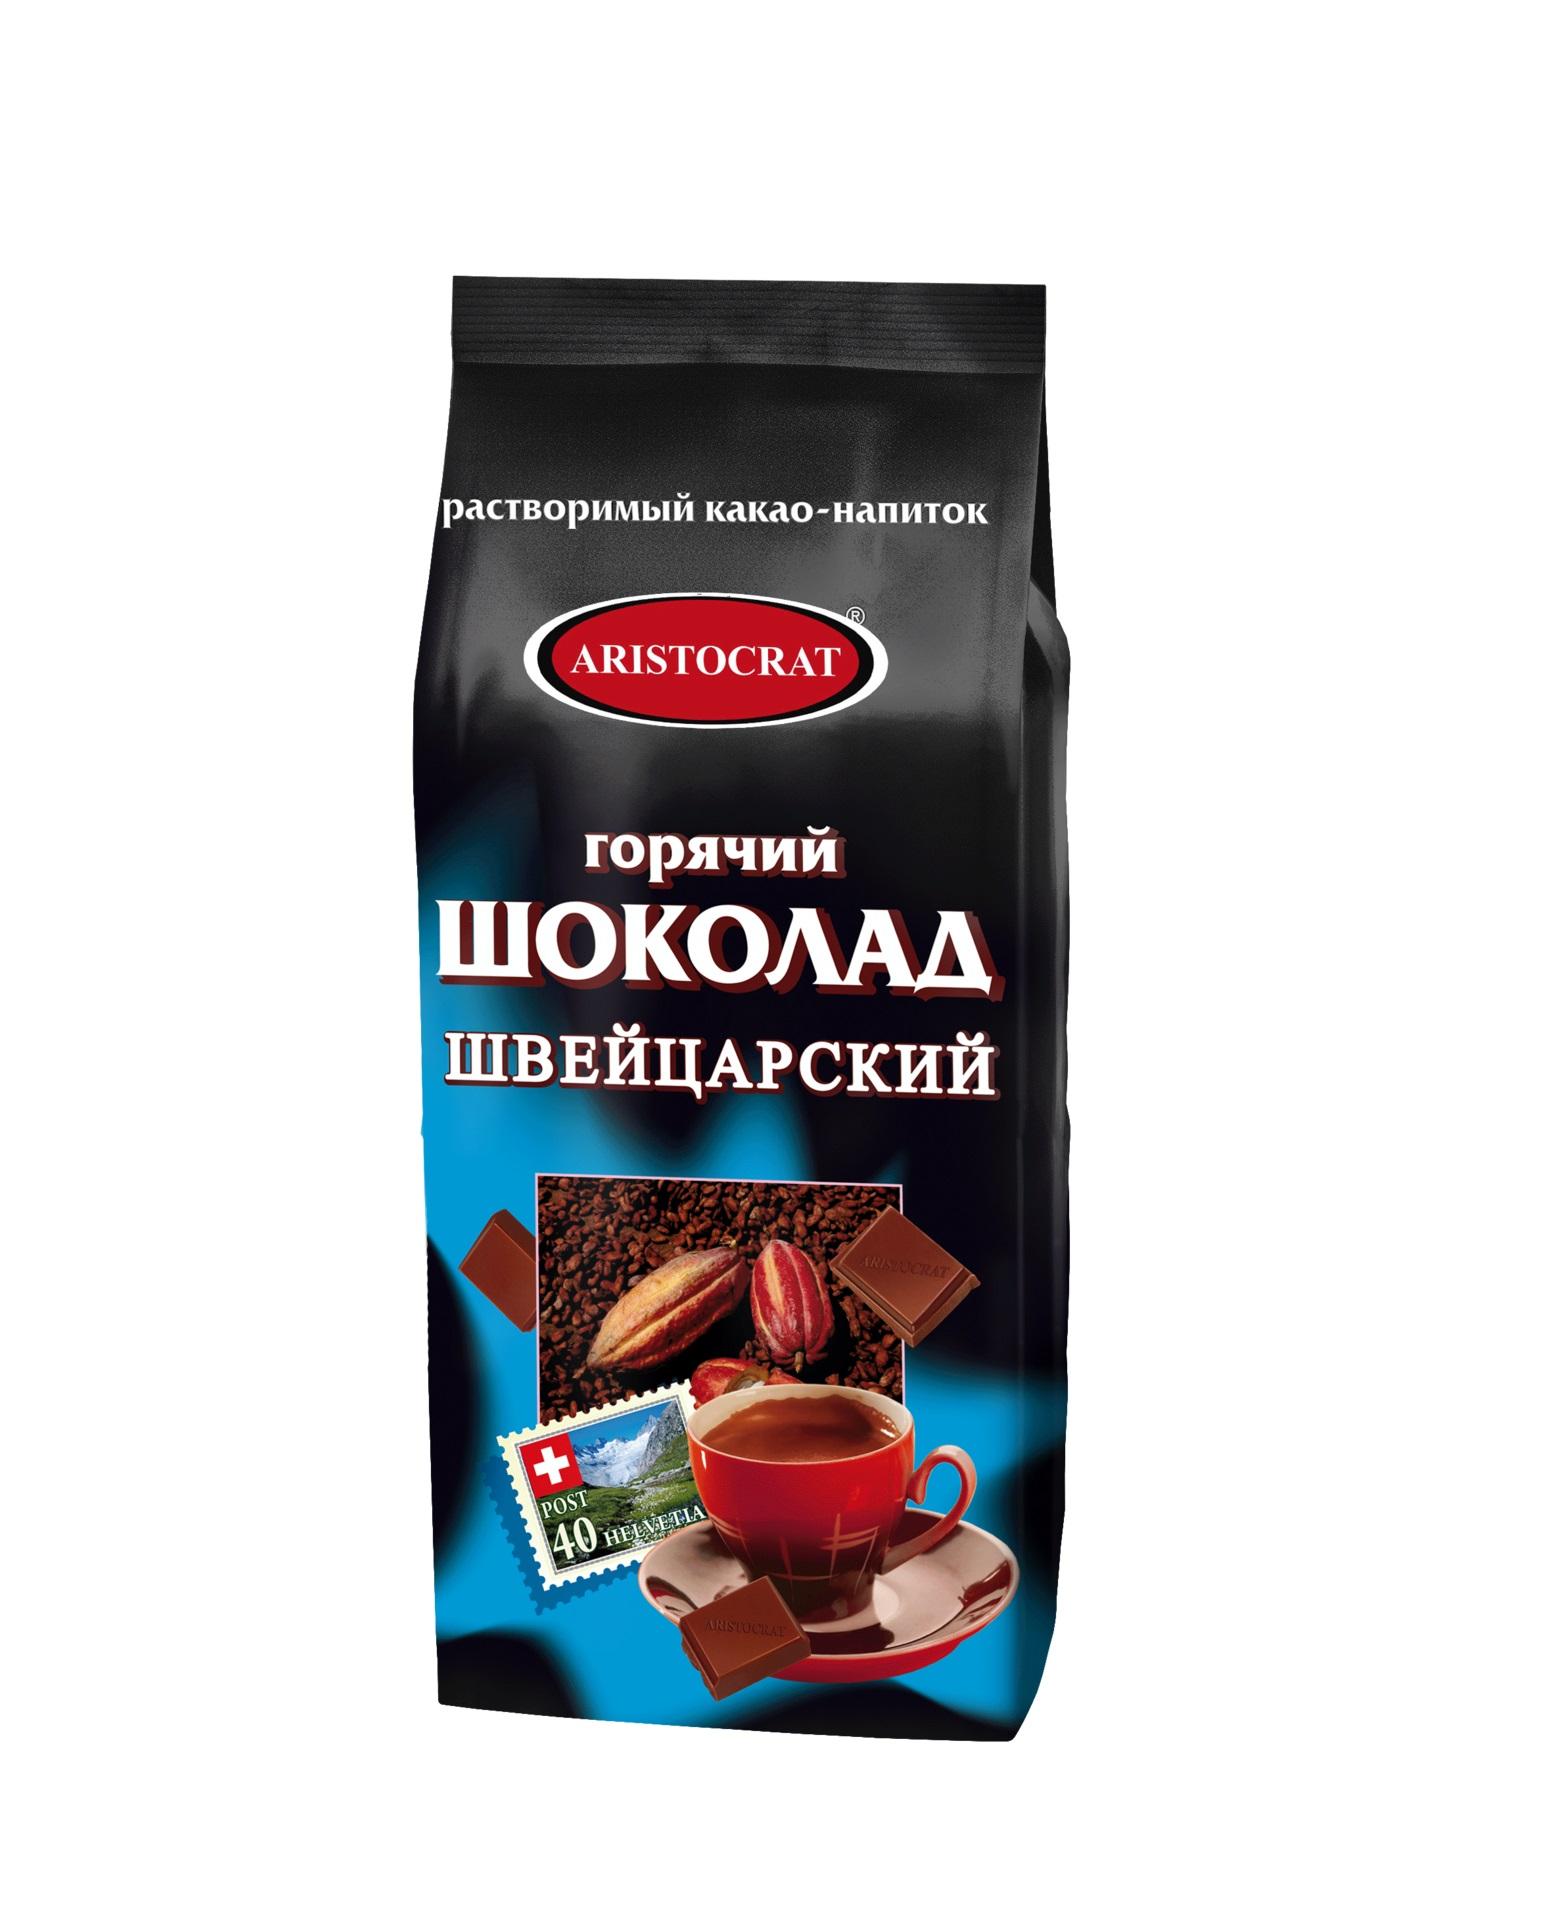 Горячий шоколад ARISTOCRAT Швейцарский 1,0 кг.